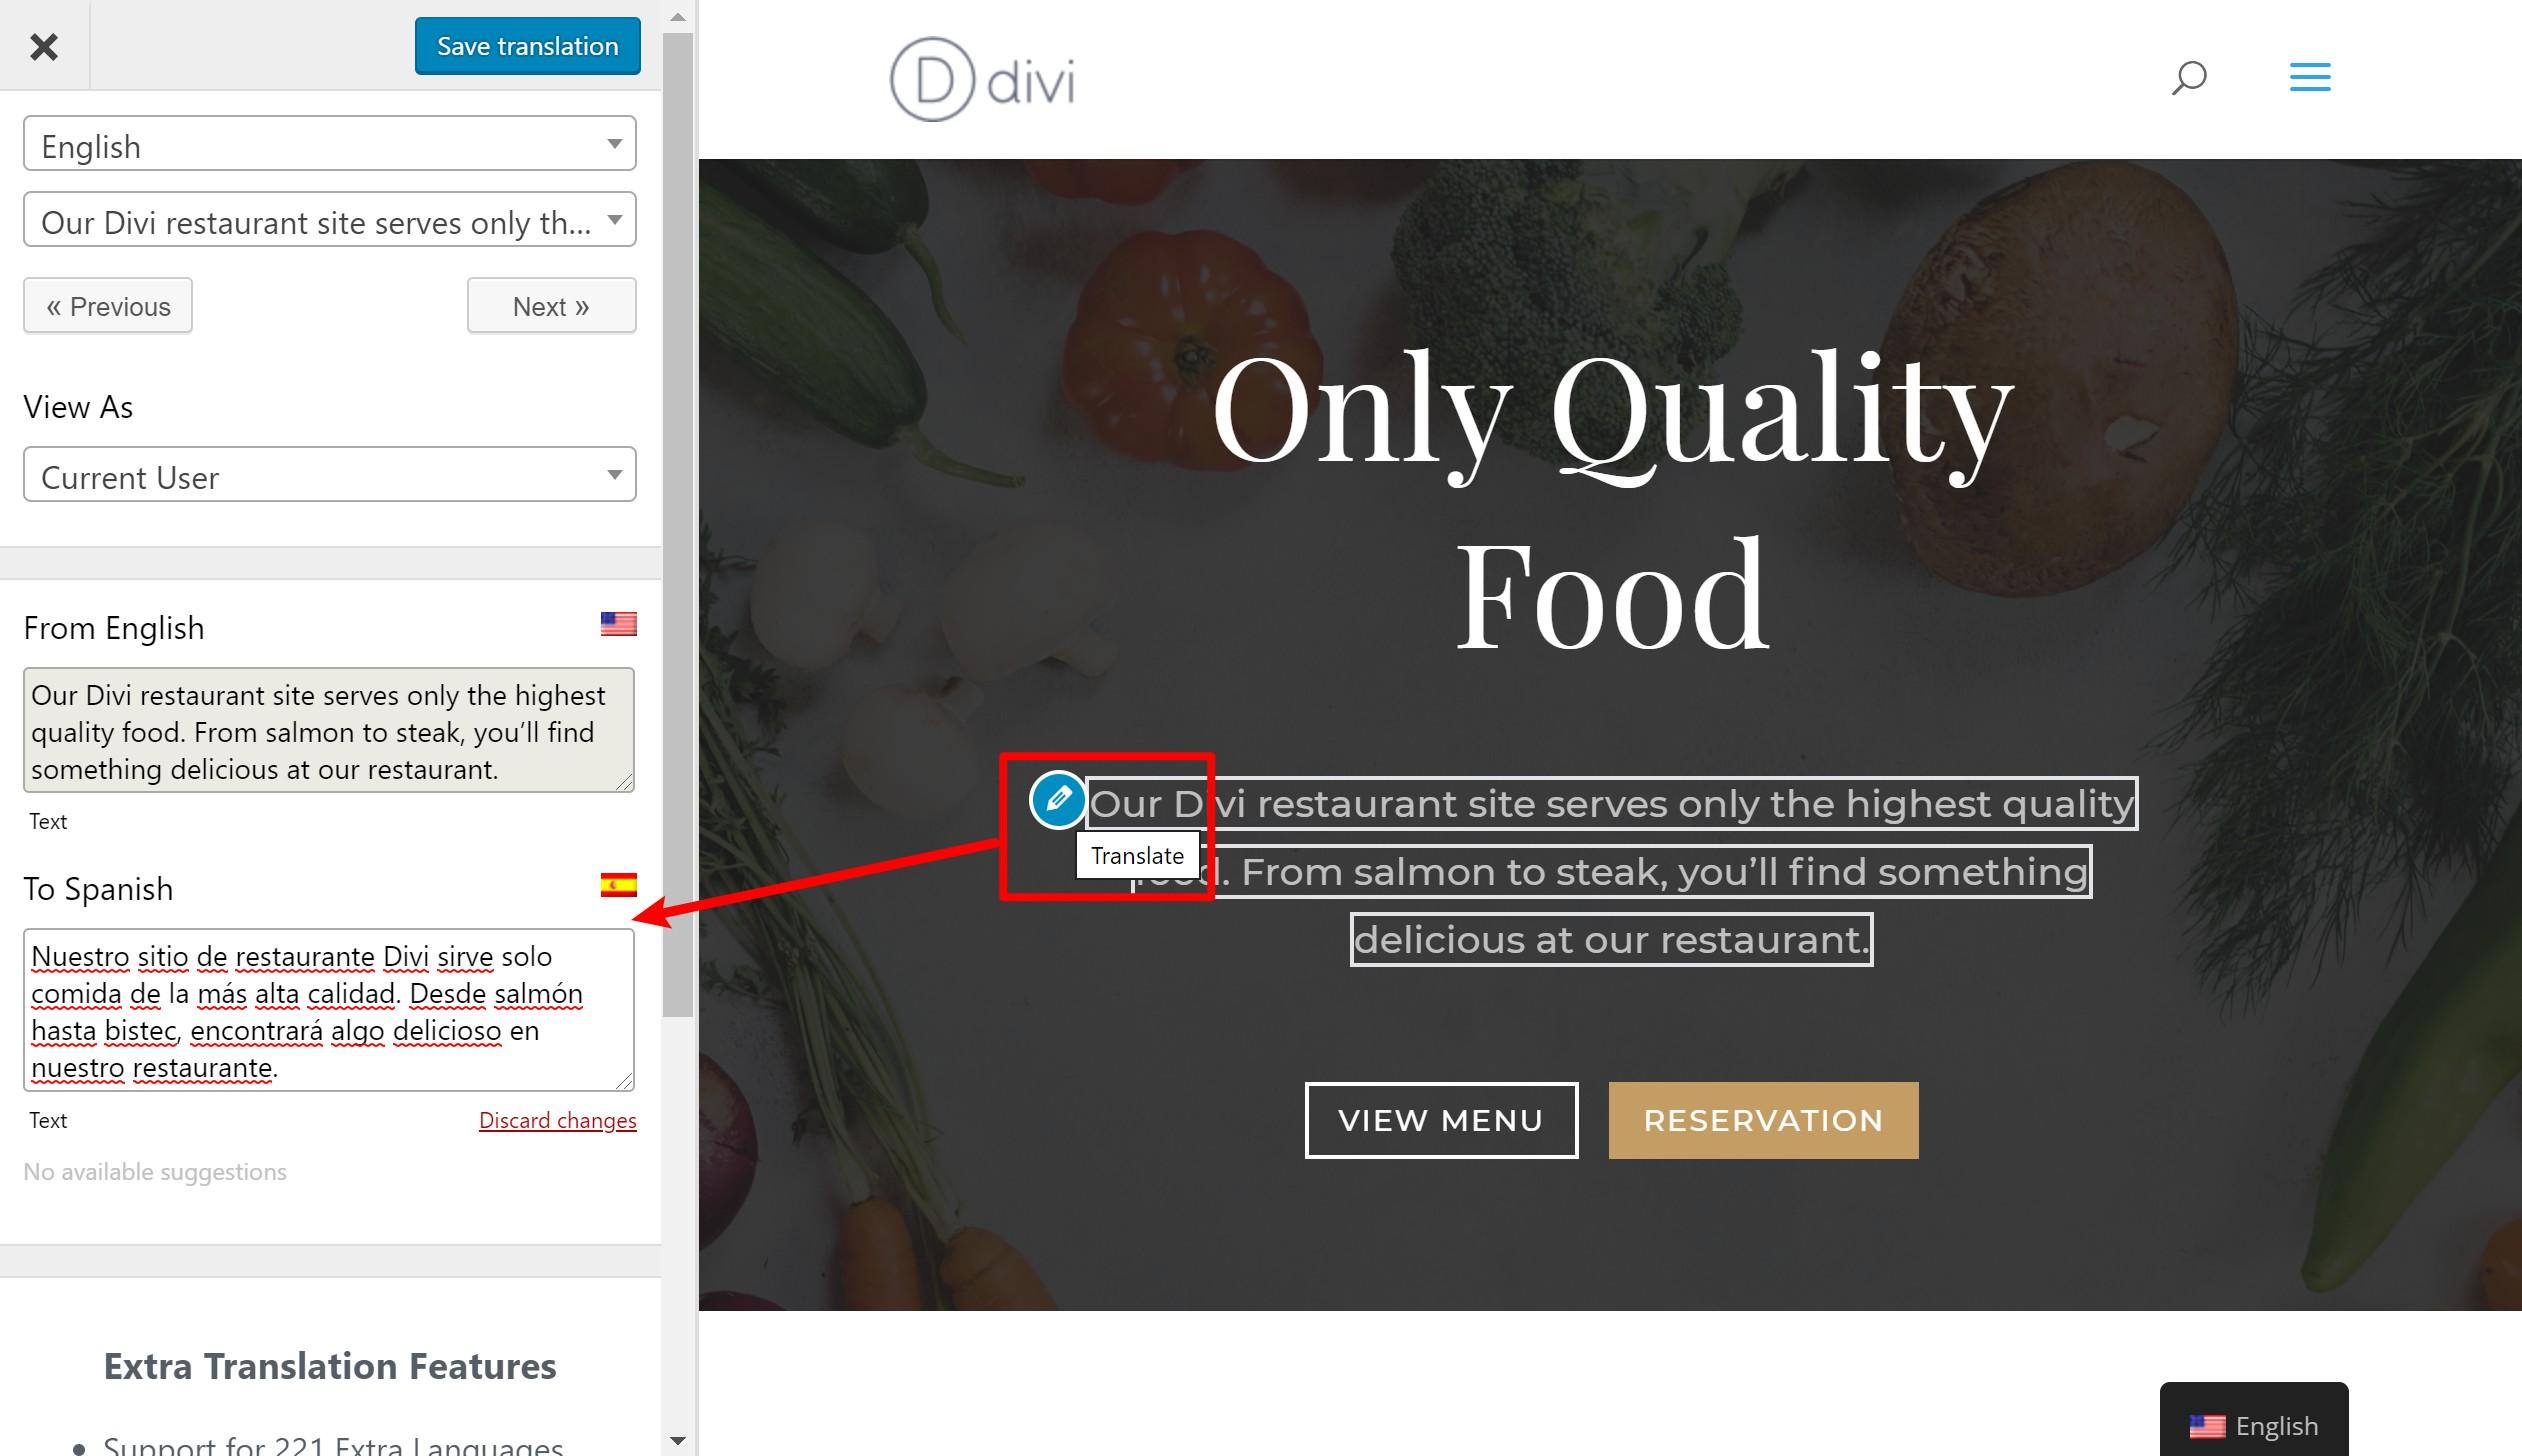 Comment sélectionner une chaîne de texte pour traduire le site Divi